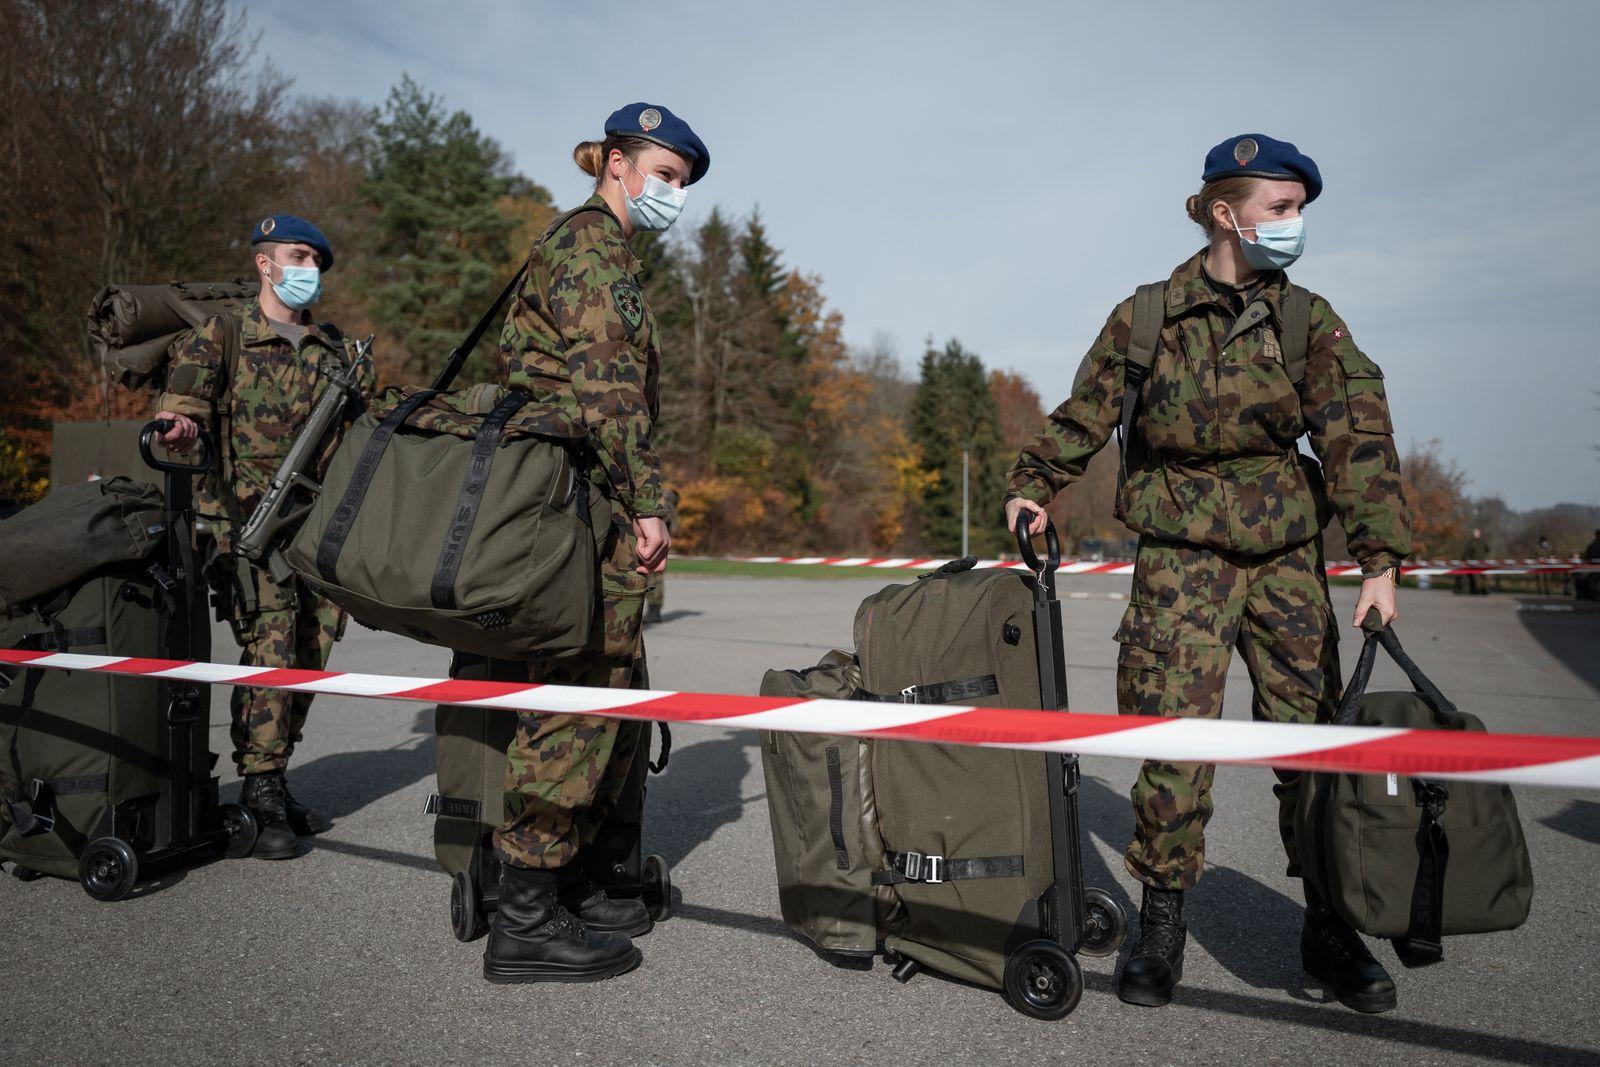 SWITZERLAND-HEALTH-VIRUS-ARMY